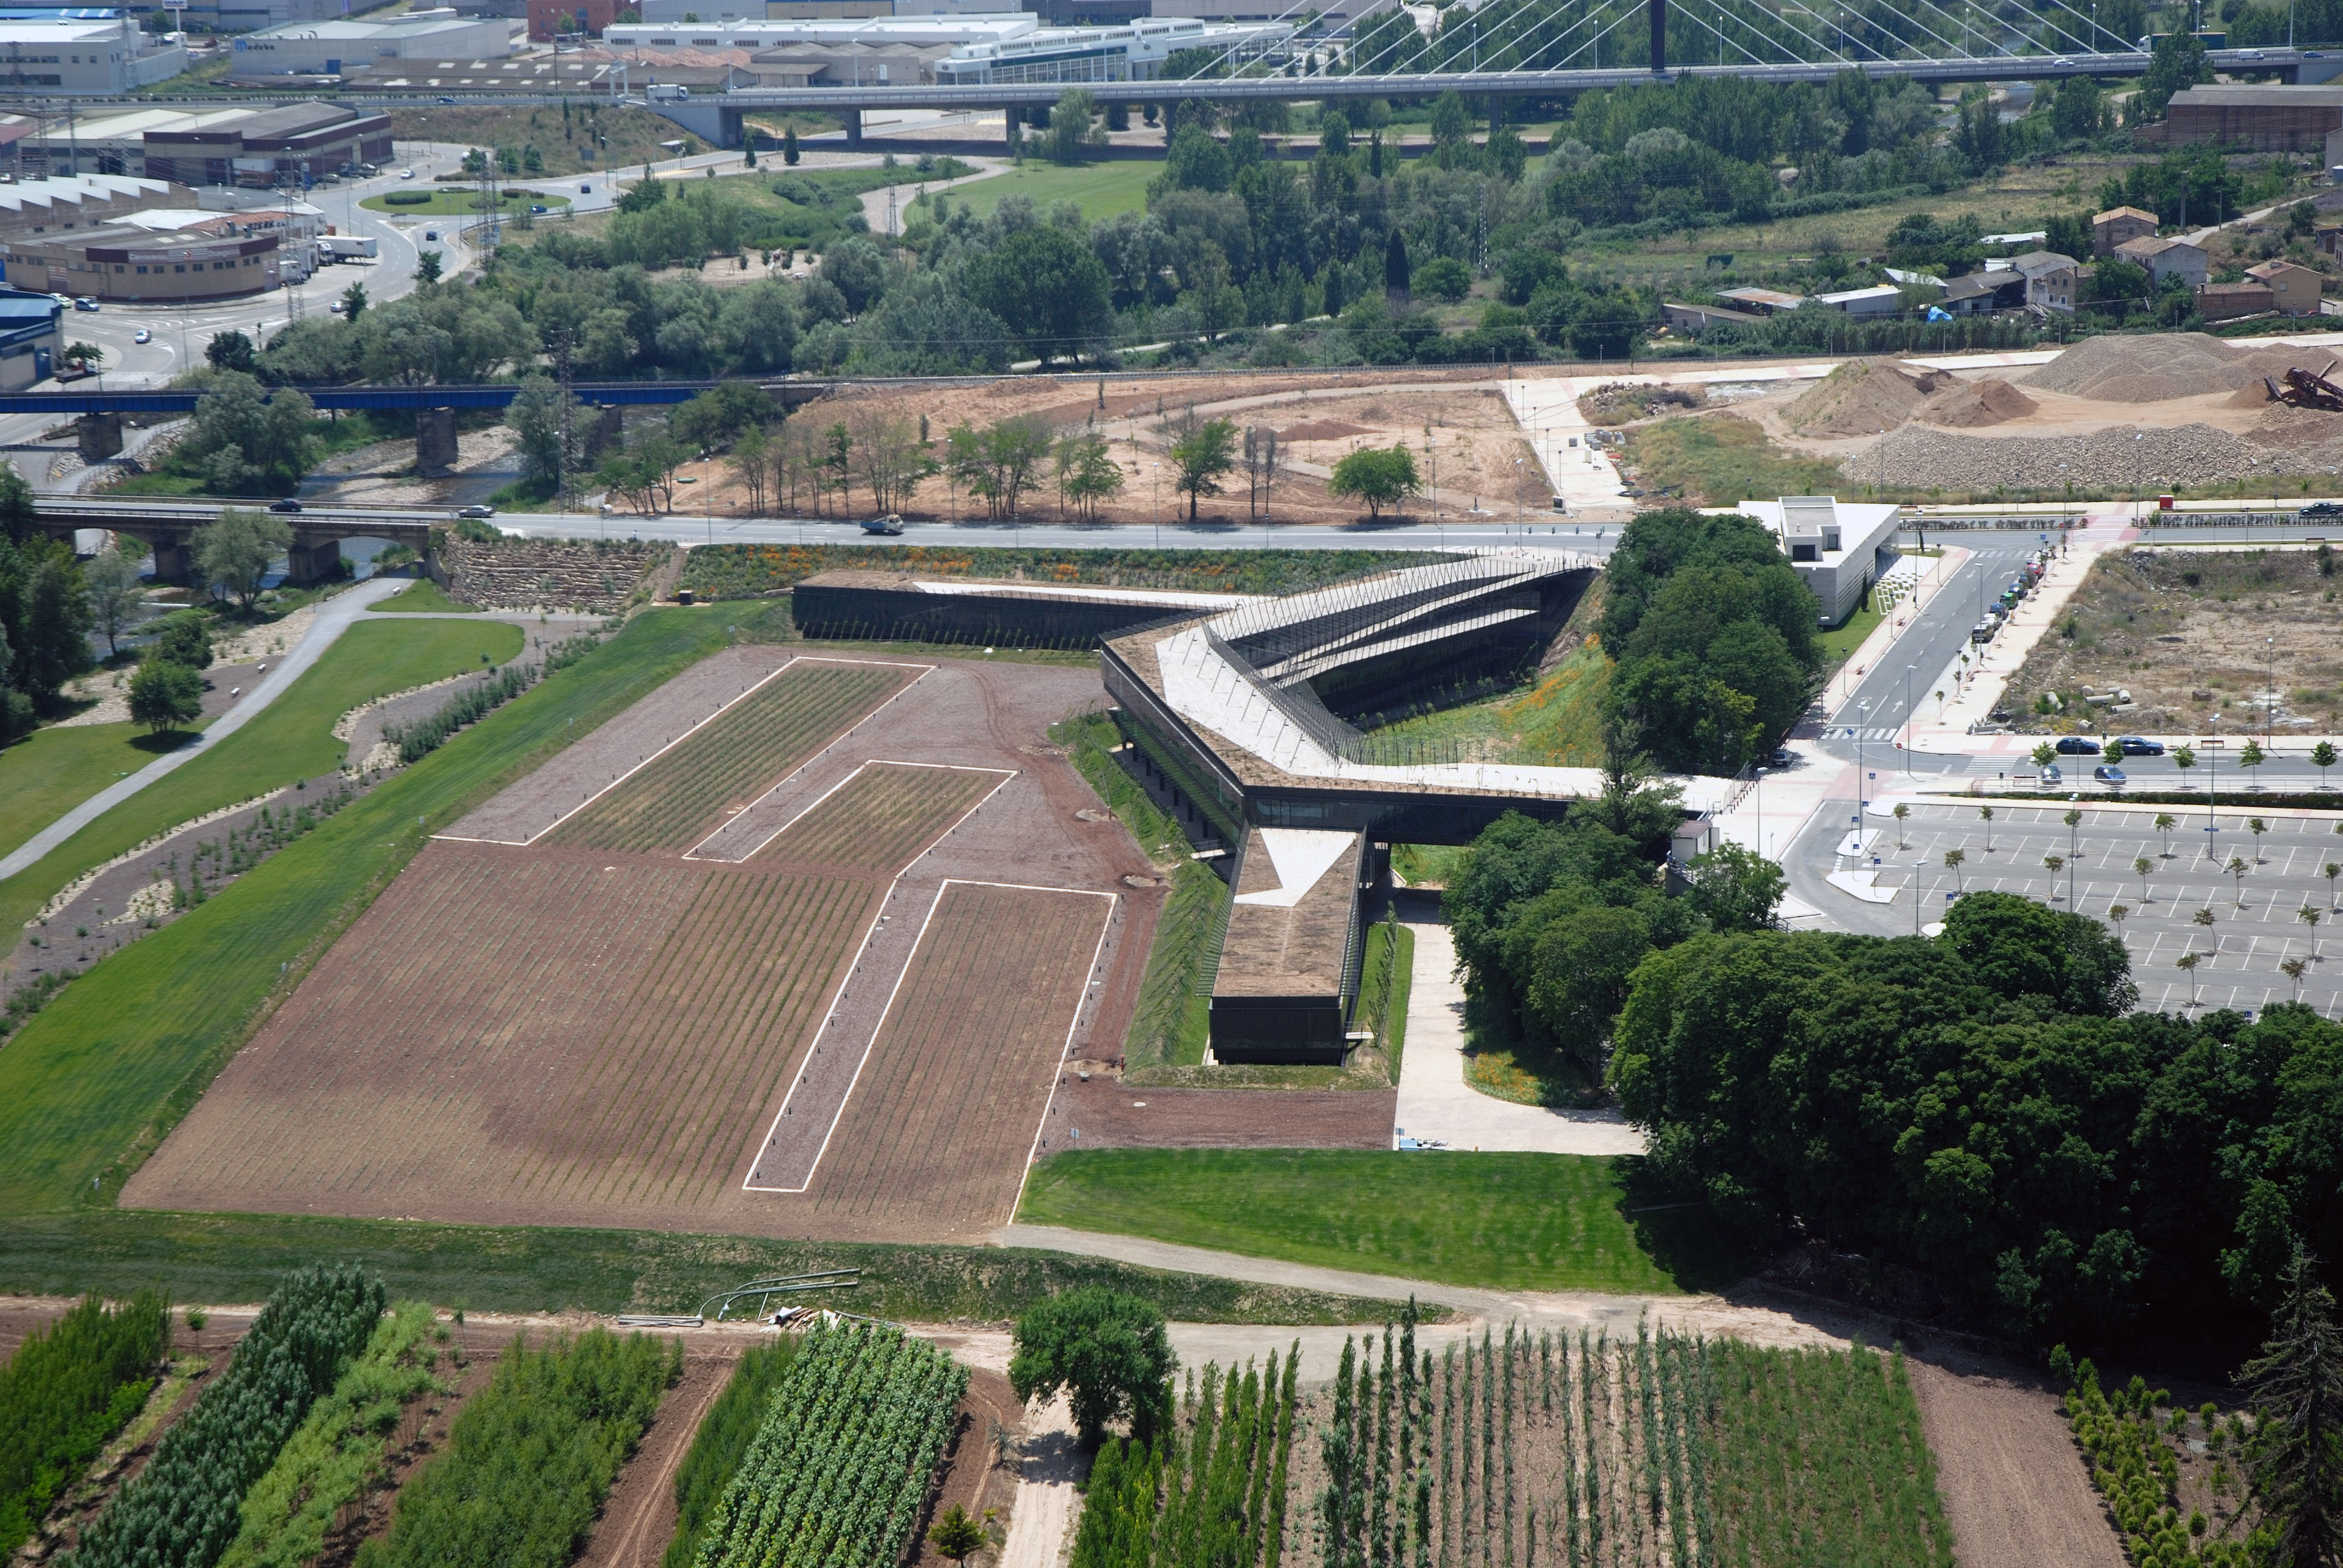 Centro Tecnológico de la Rioja